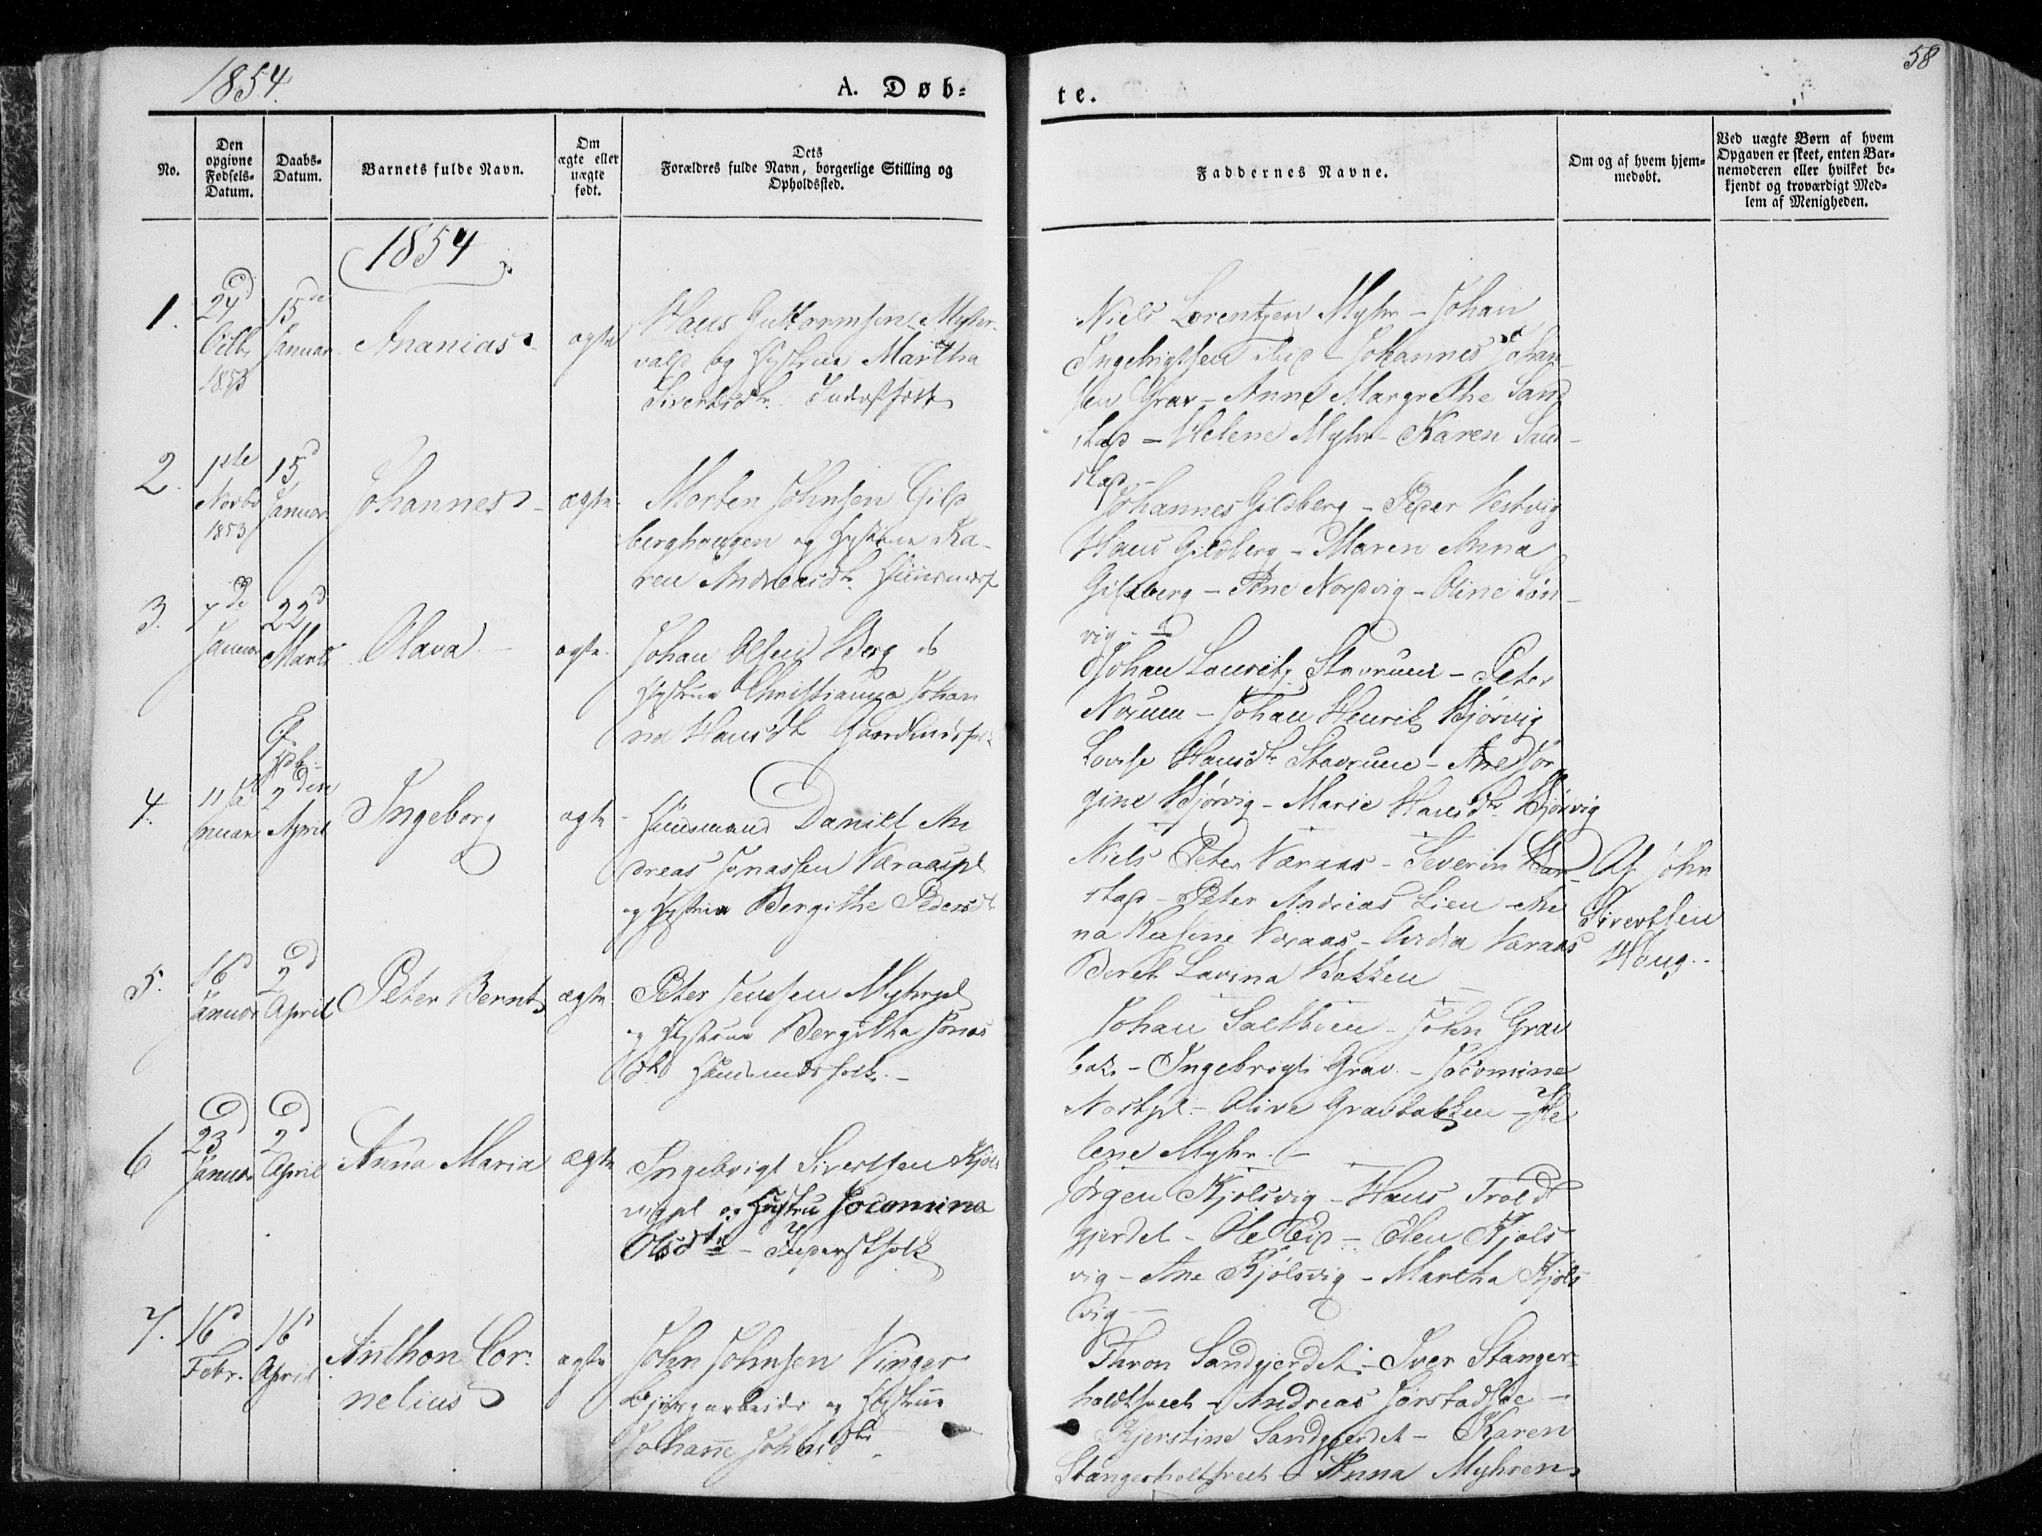 SAT, Ministerialprotokoller, klokkerbøker og fødselsregistre - Nord-Trøndelag, 722/L0218: Ministerialbok nr. 722A05, 1843-1868, s. 58